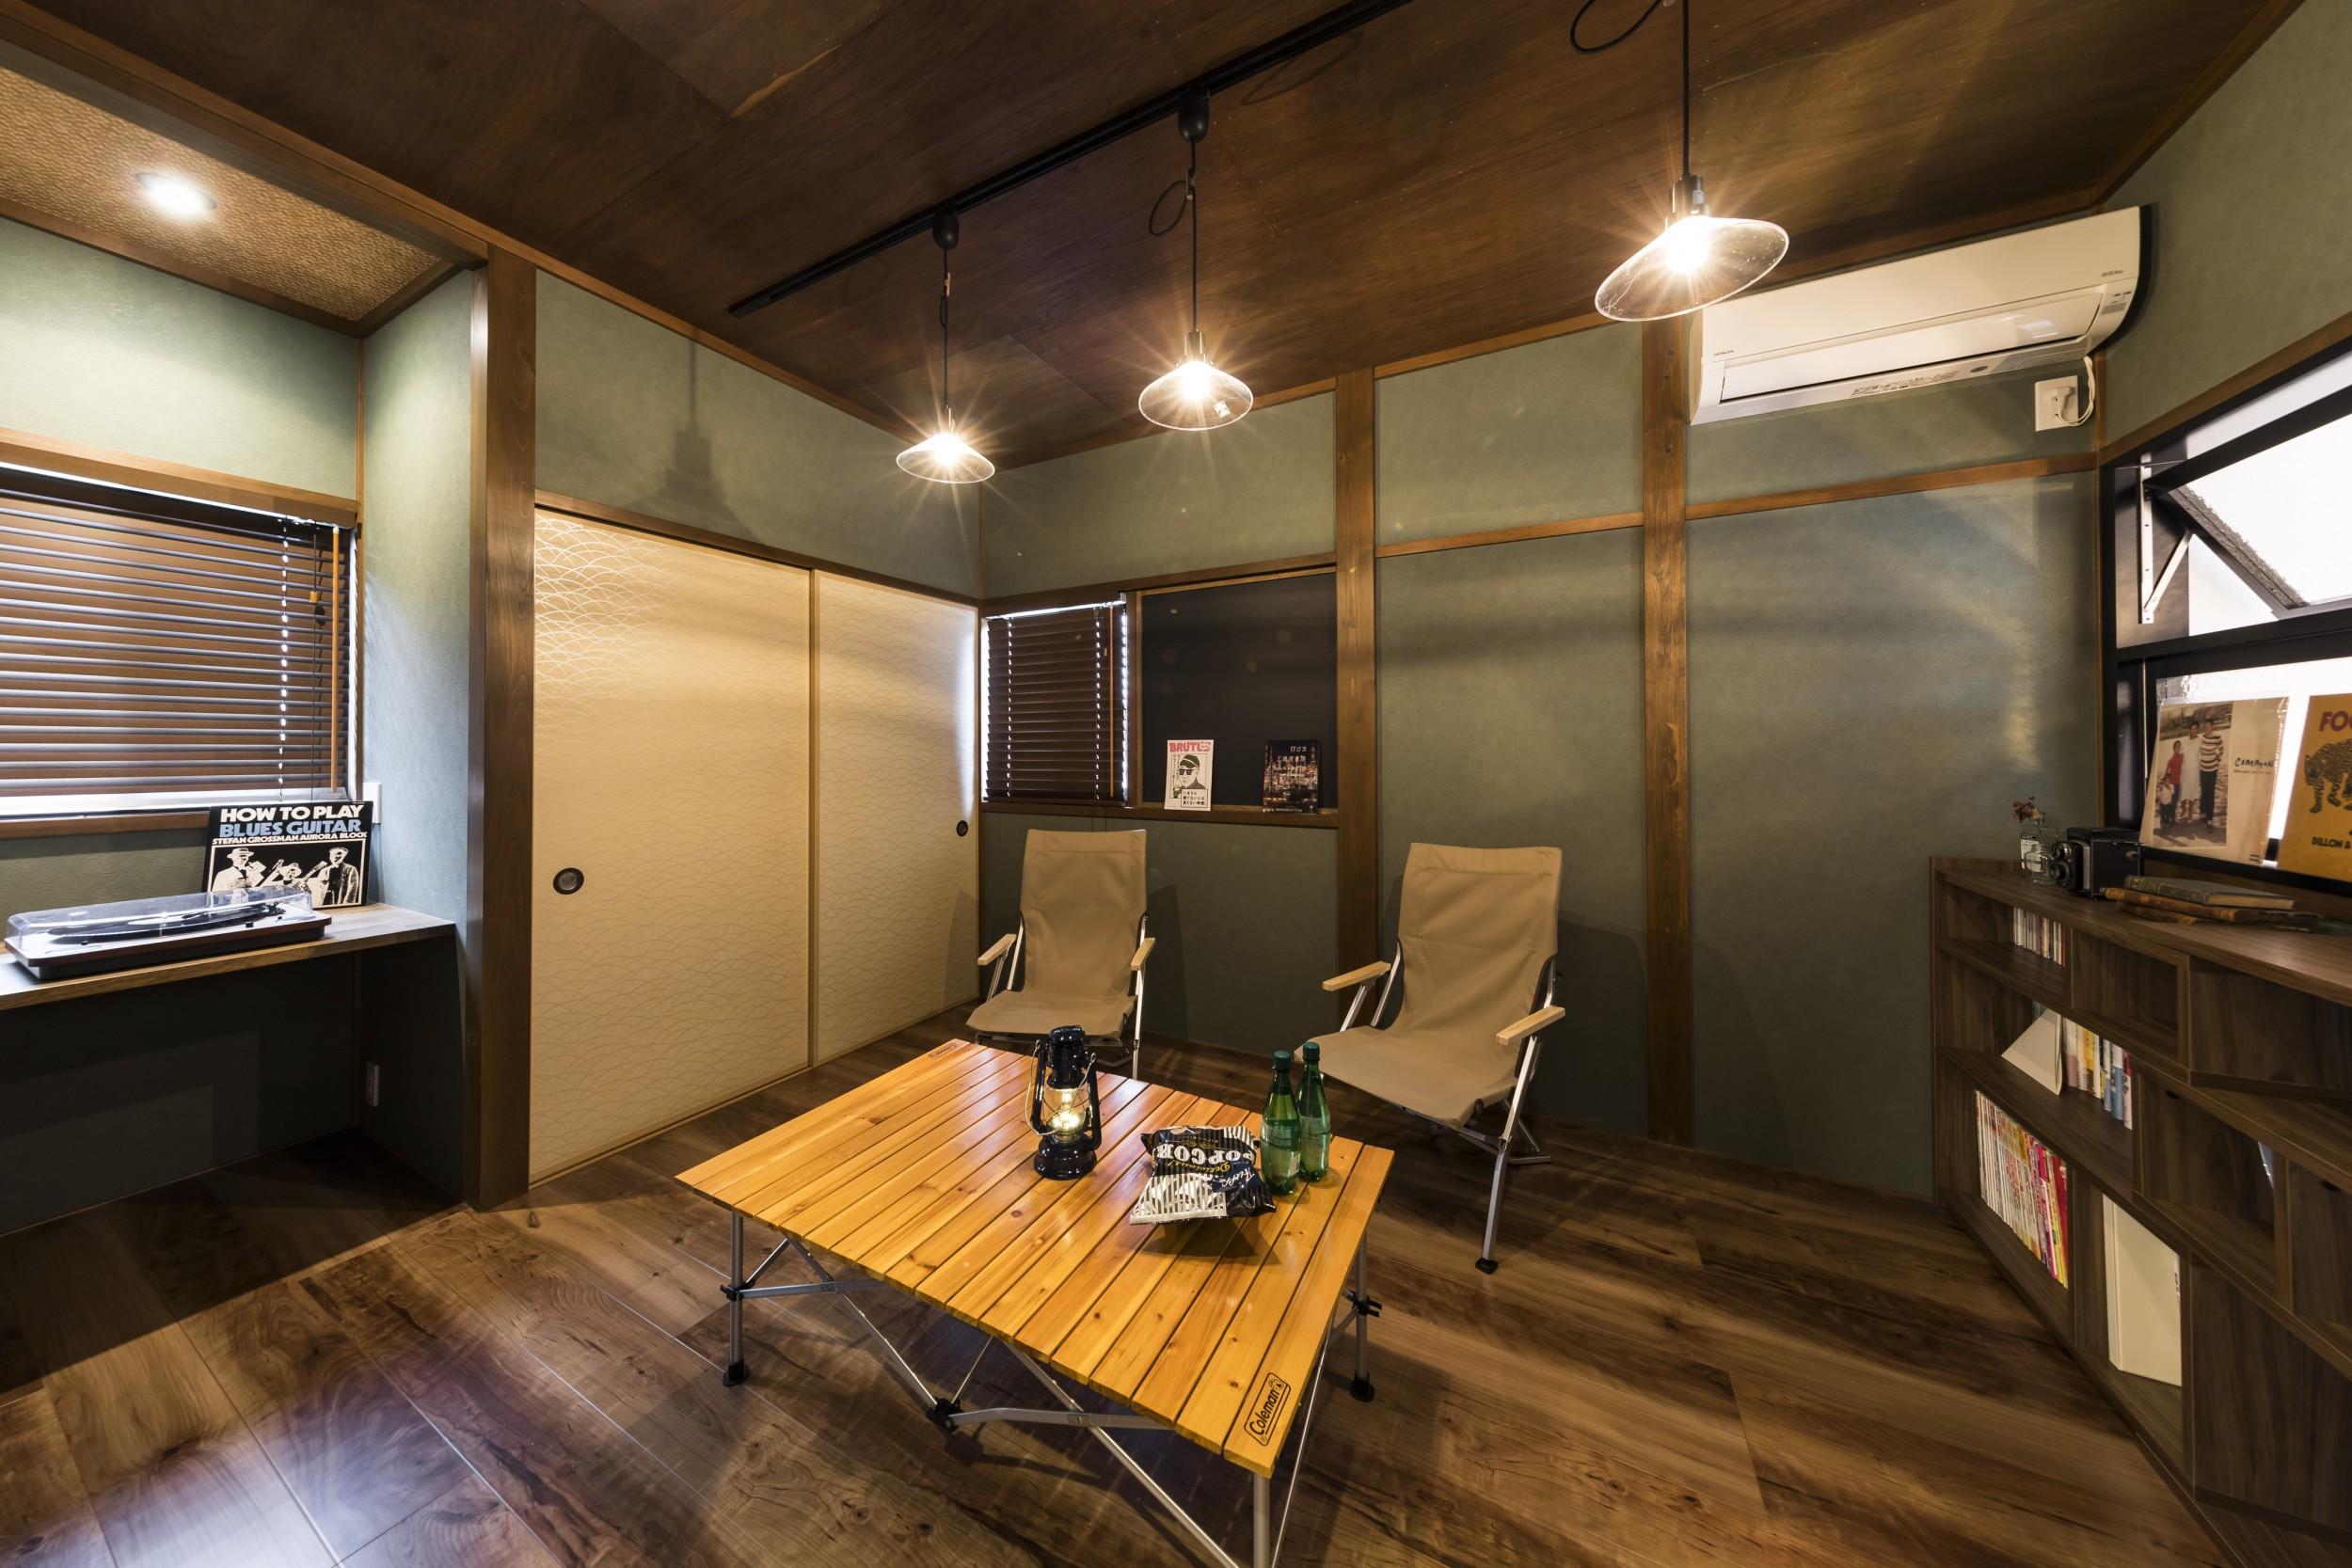 岐阜市H様邸のリノベーション事例のフリースペース